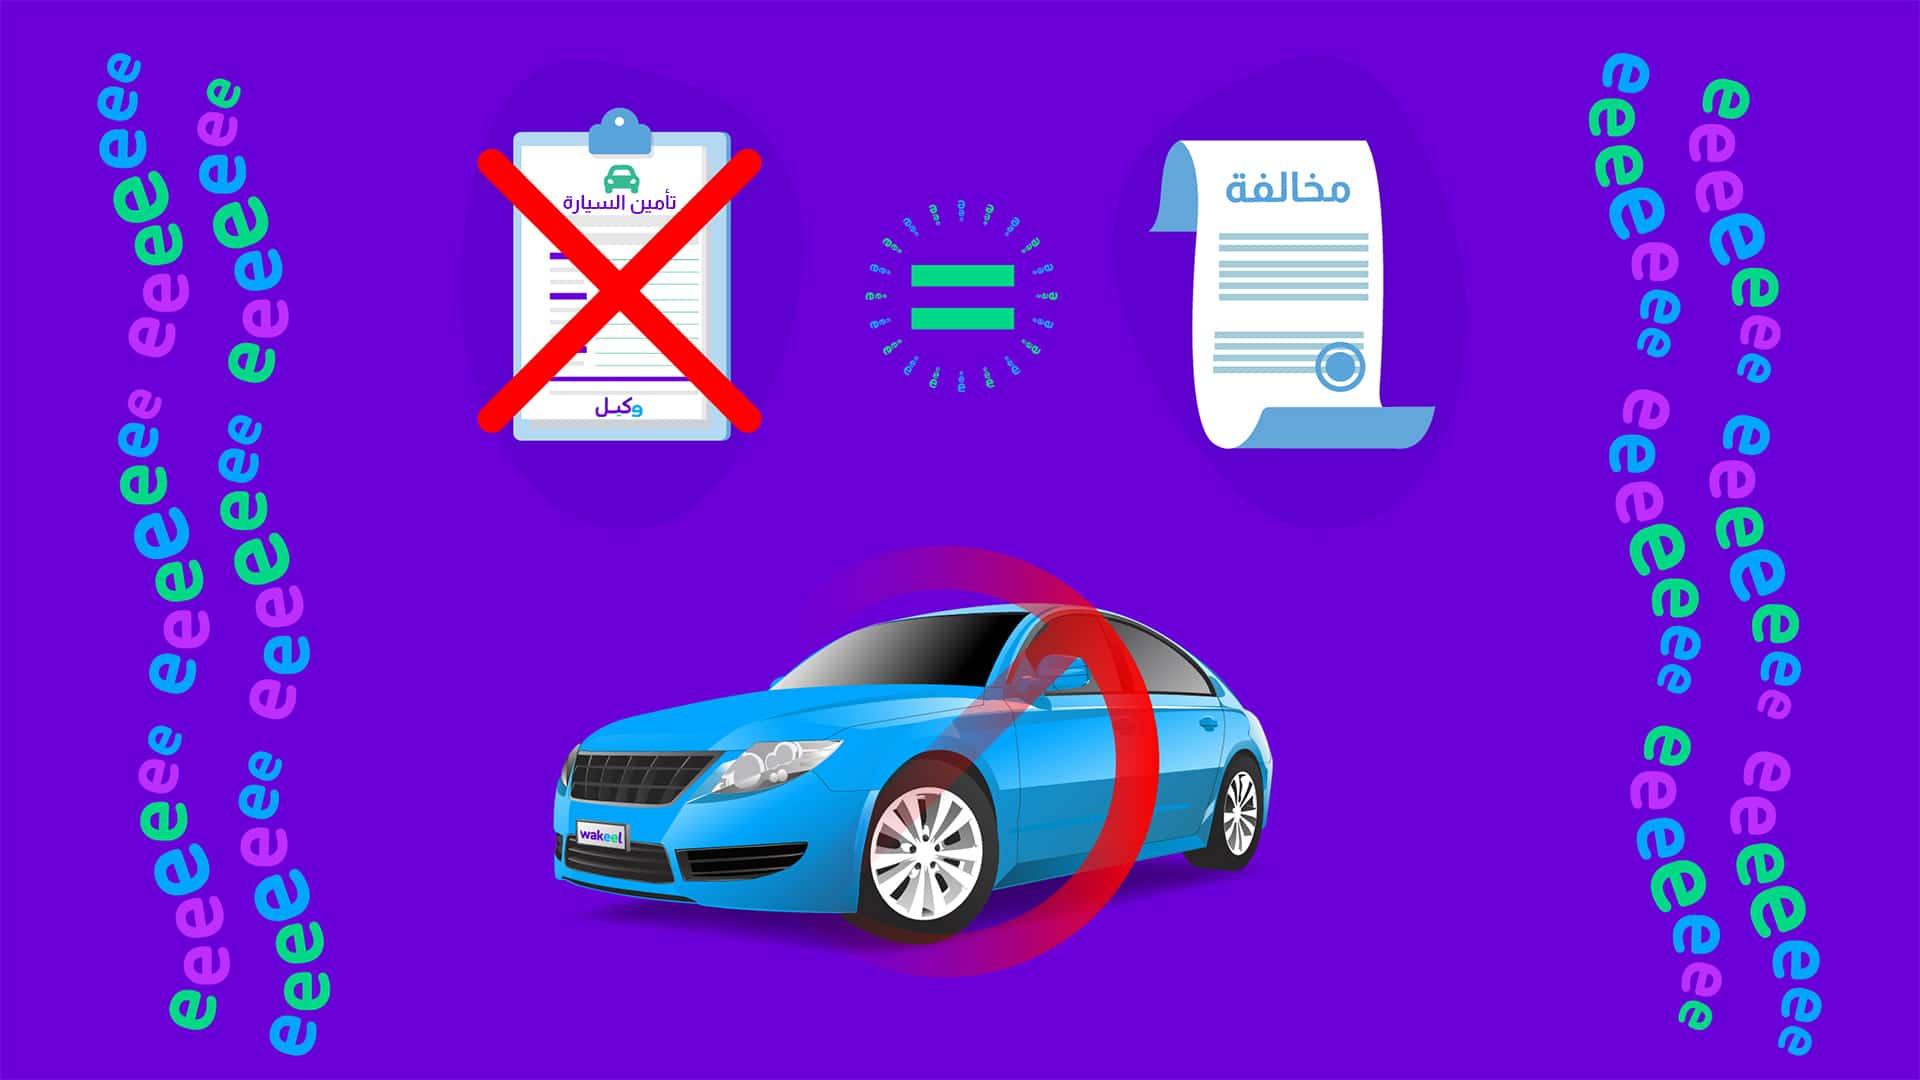 إنتبه! عدم تأمينك لمركبتك يؤدي إلى مخالفة مرورية